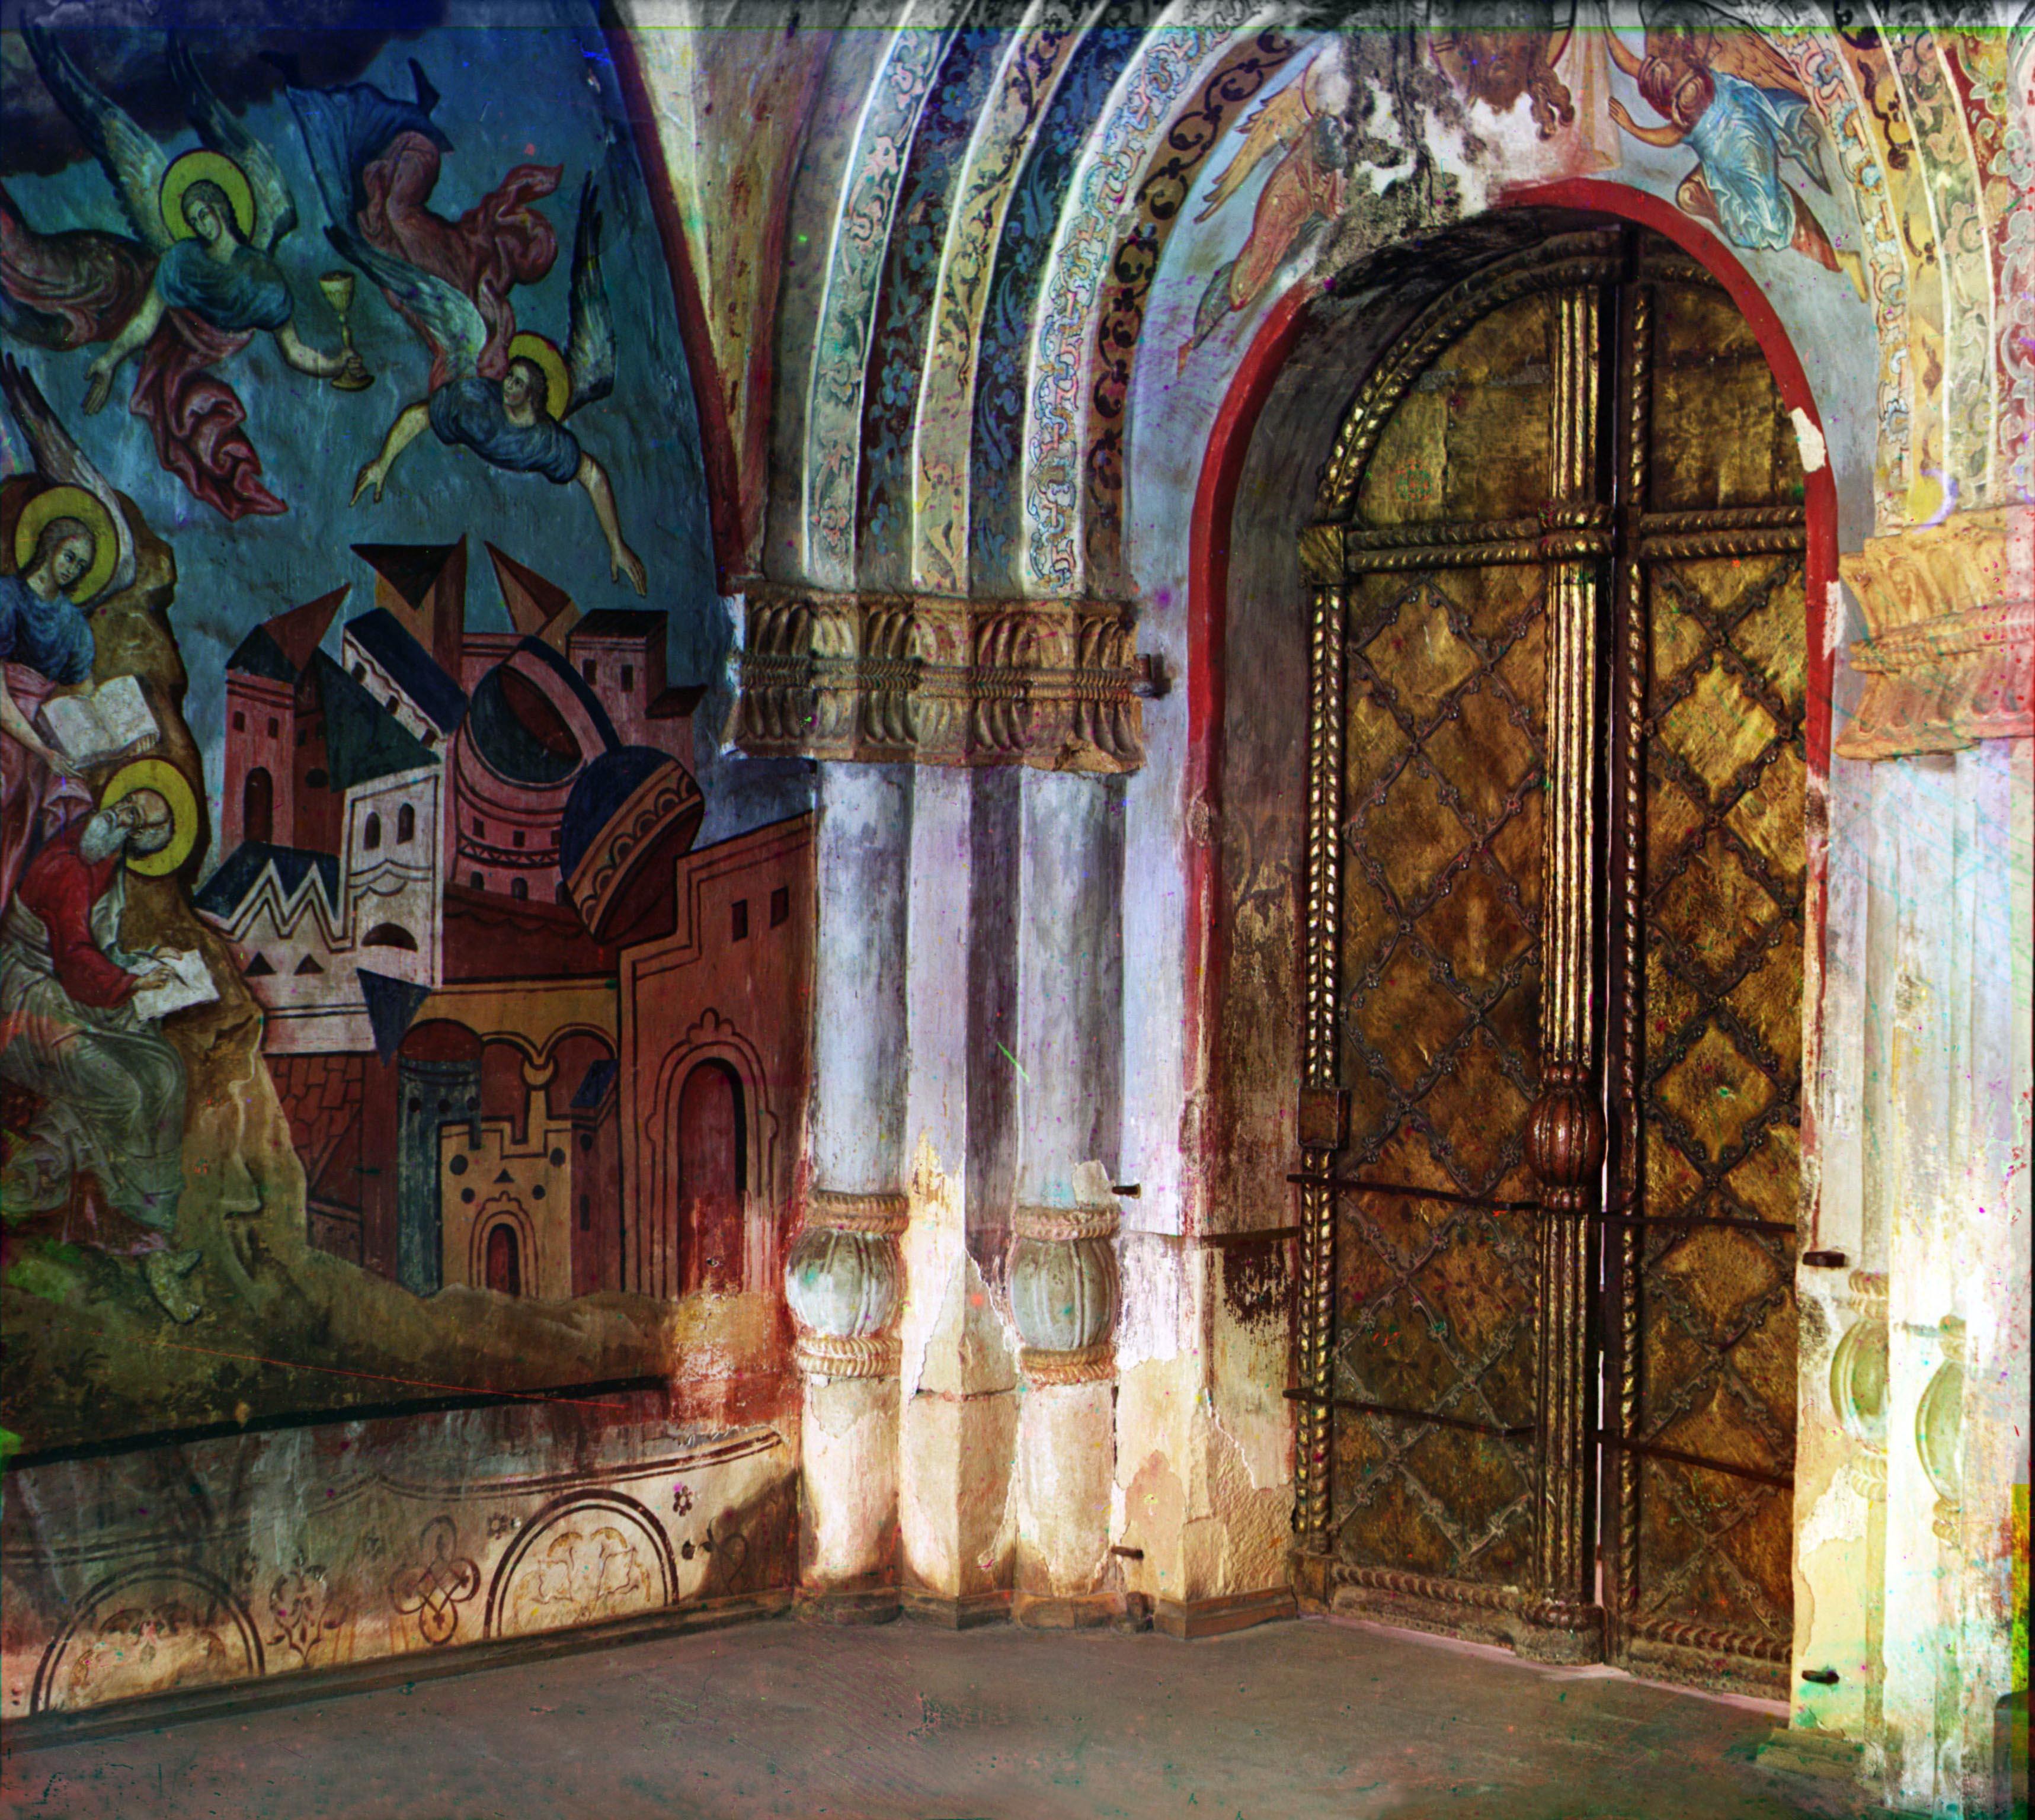 Кирилло-Белозерский монастырь. Место заточения князей Воротынских. Вход в придельную церковь Владимира